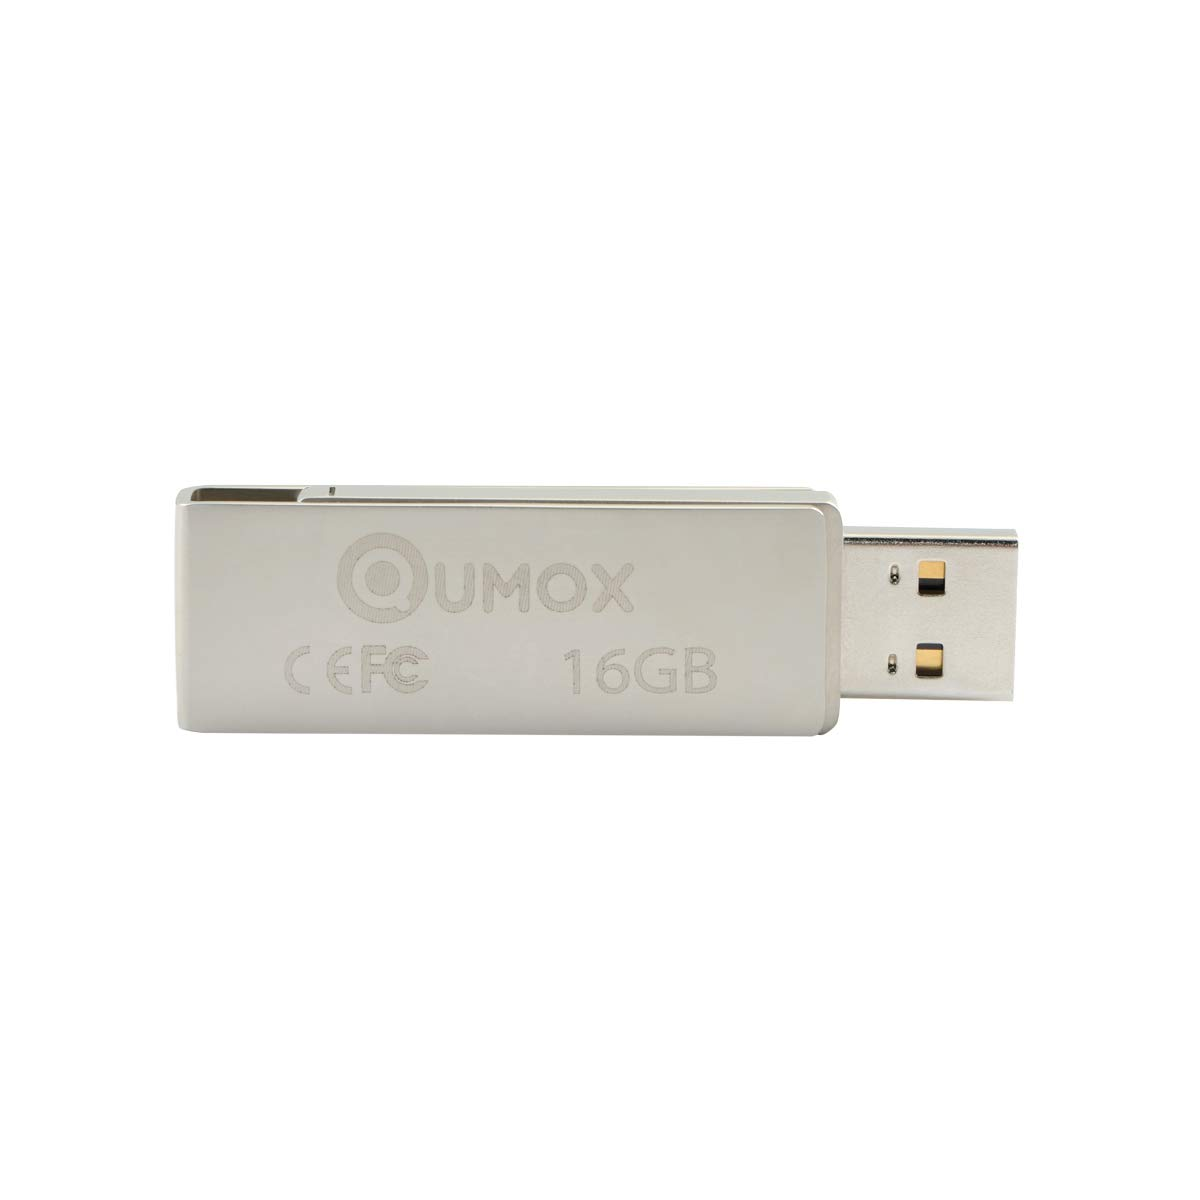 QUMOX 16GB USB-Stick Memory Stick Drive USB 2.0